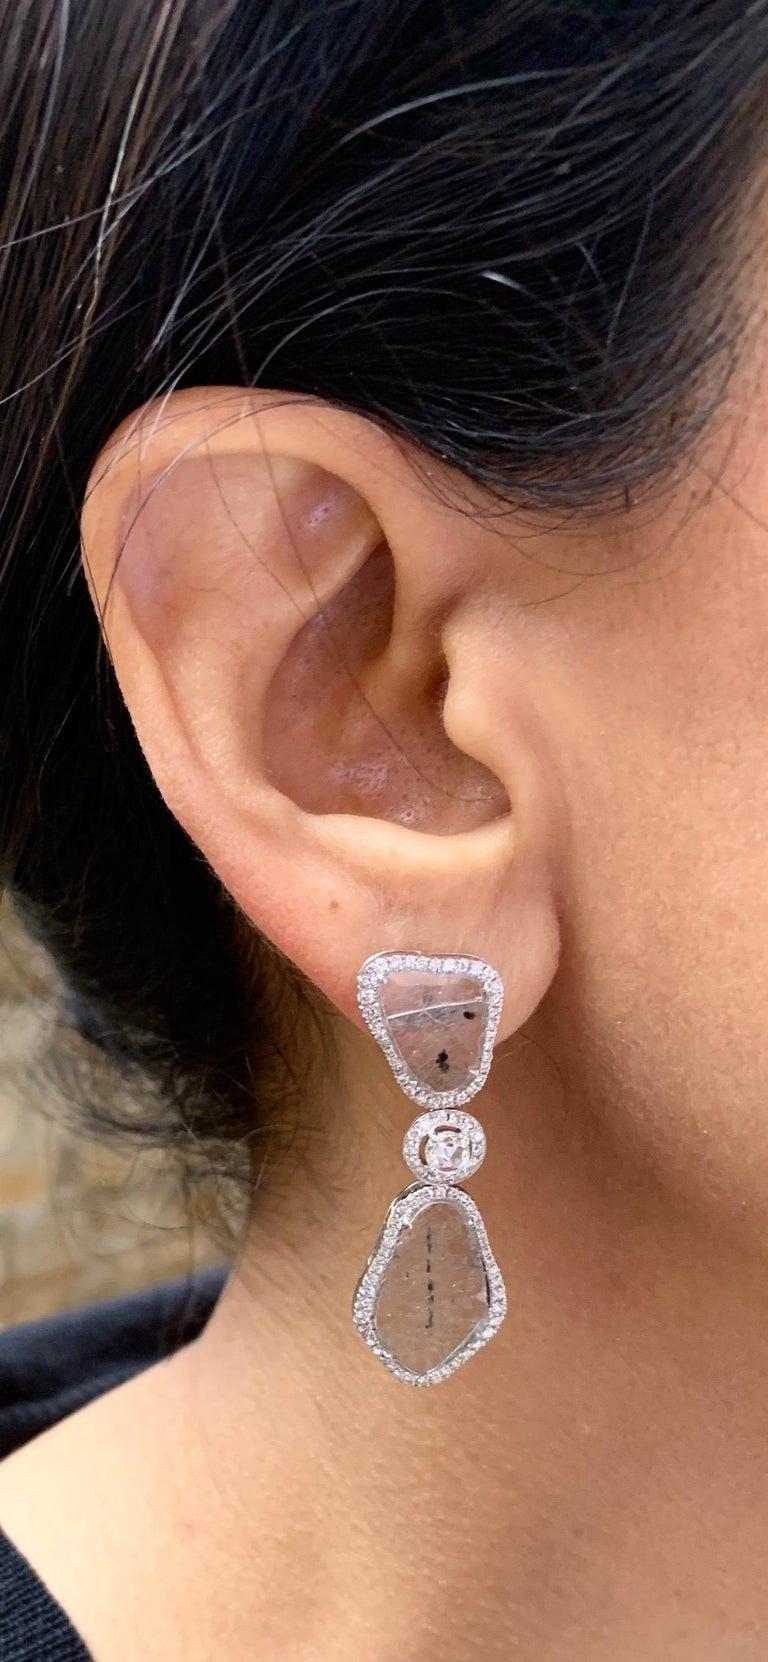 Manpriya B Triple Slice Diamond Drop Diva Earrings in 18 Karat White Gold For Sale 1